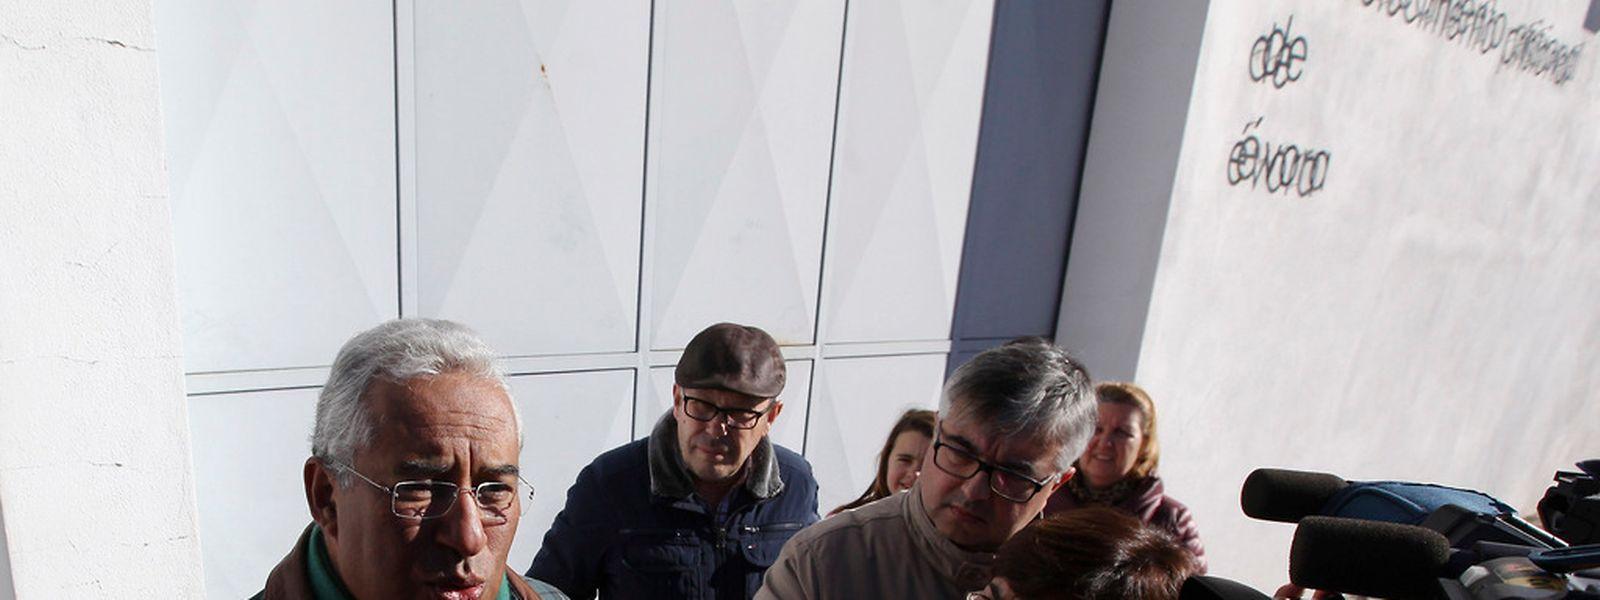 O secretário-geral do Partido Socialista (PS), António Costa, fala aos jornalistas à saída do Estabelecimento Prisional de Évora, onde visitou pela primeira vez o ex-primeiro ministro José Sócrates